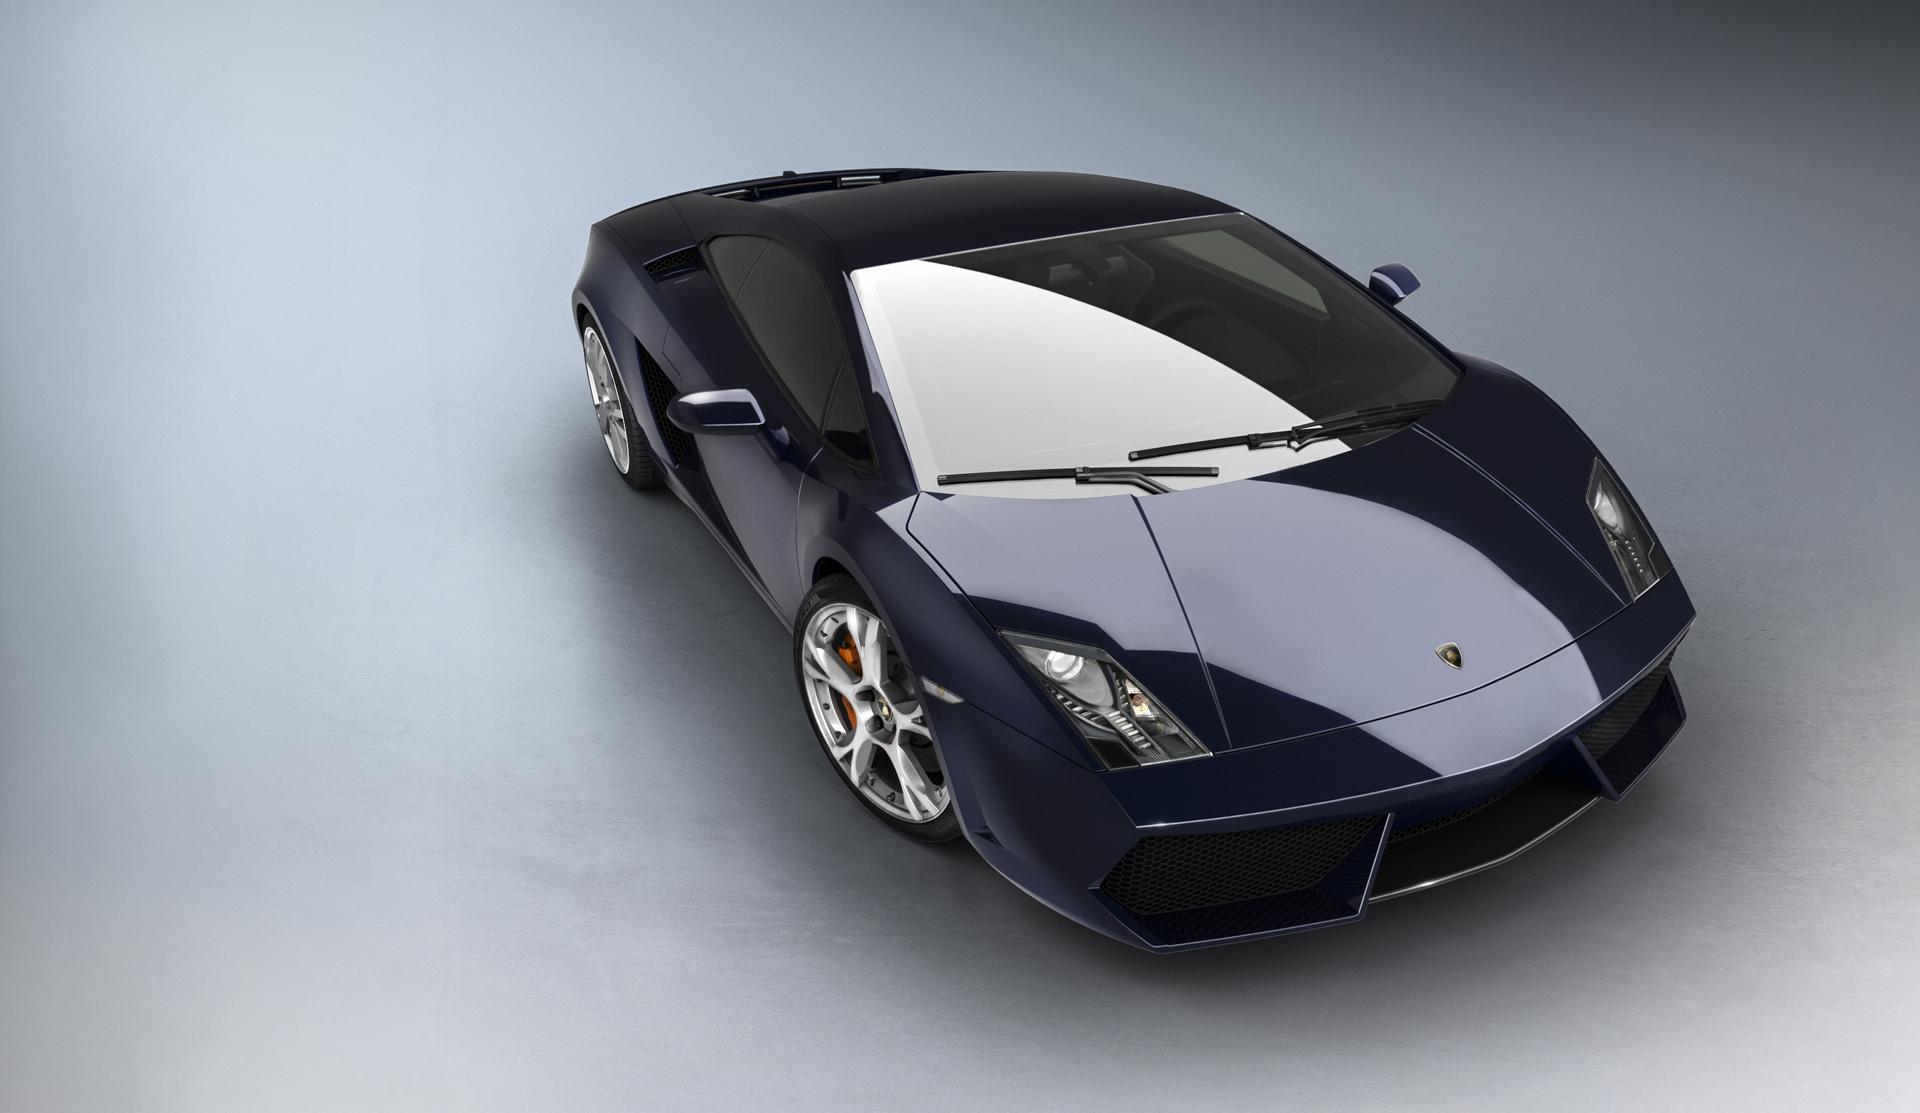 Lamborghini_gallardo_frontal_flat_final.jpg